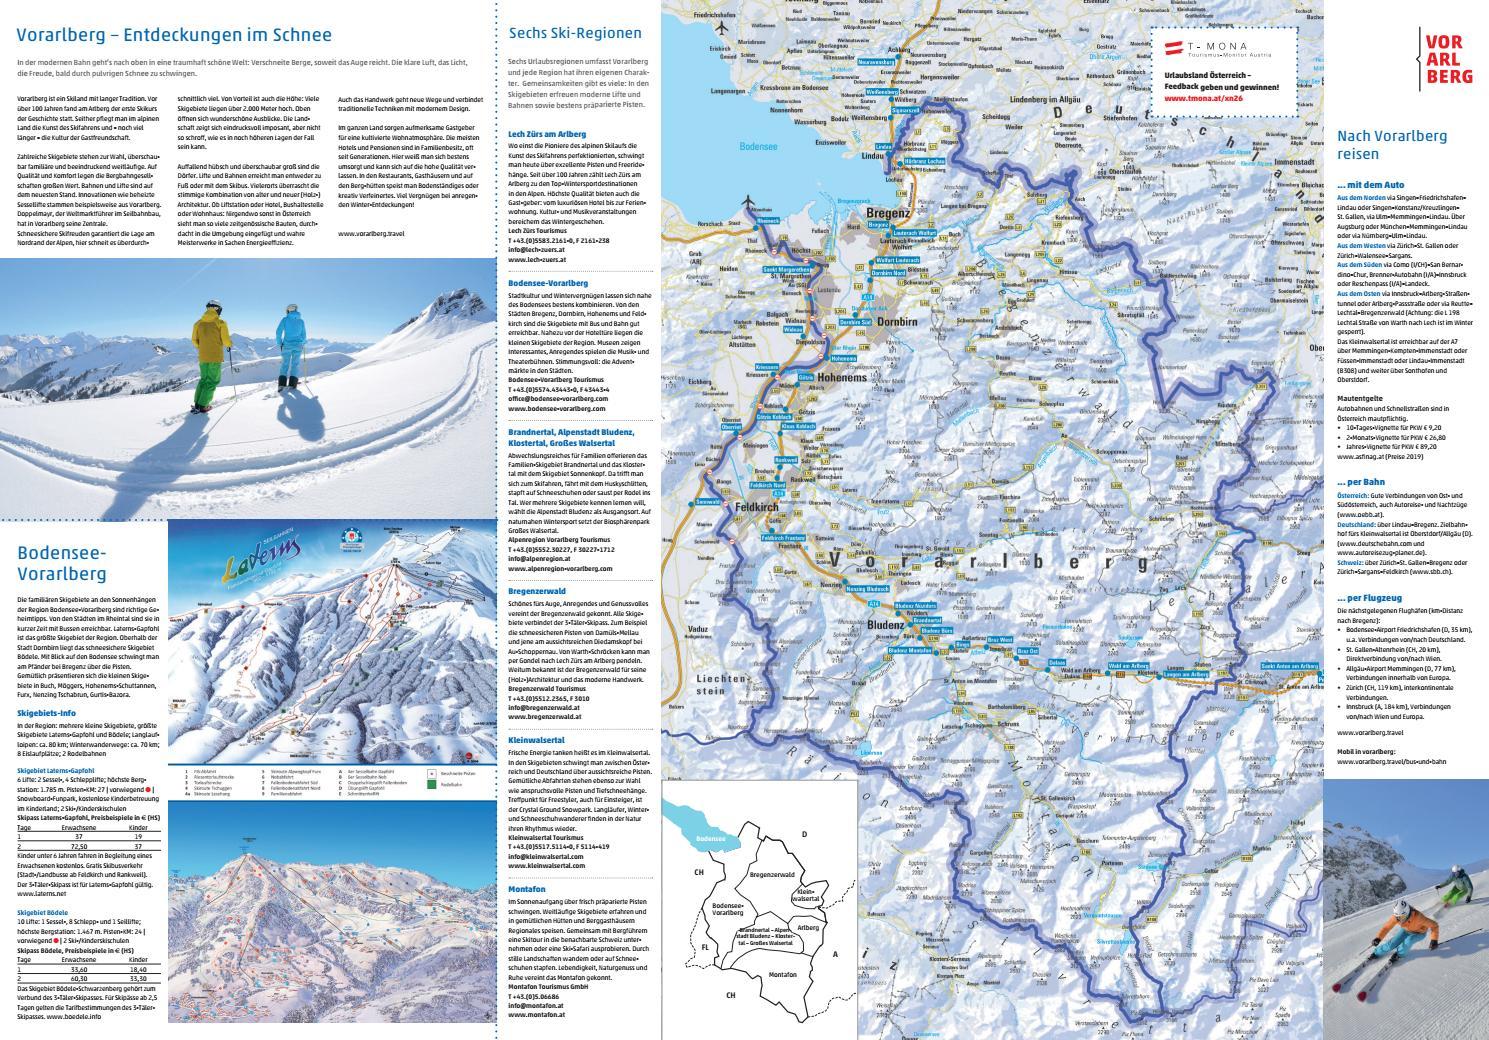 Ski Regionen Vorarlberg 2018 19 De By Vorarlberg Tourismus Gmbh Issuu